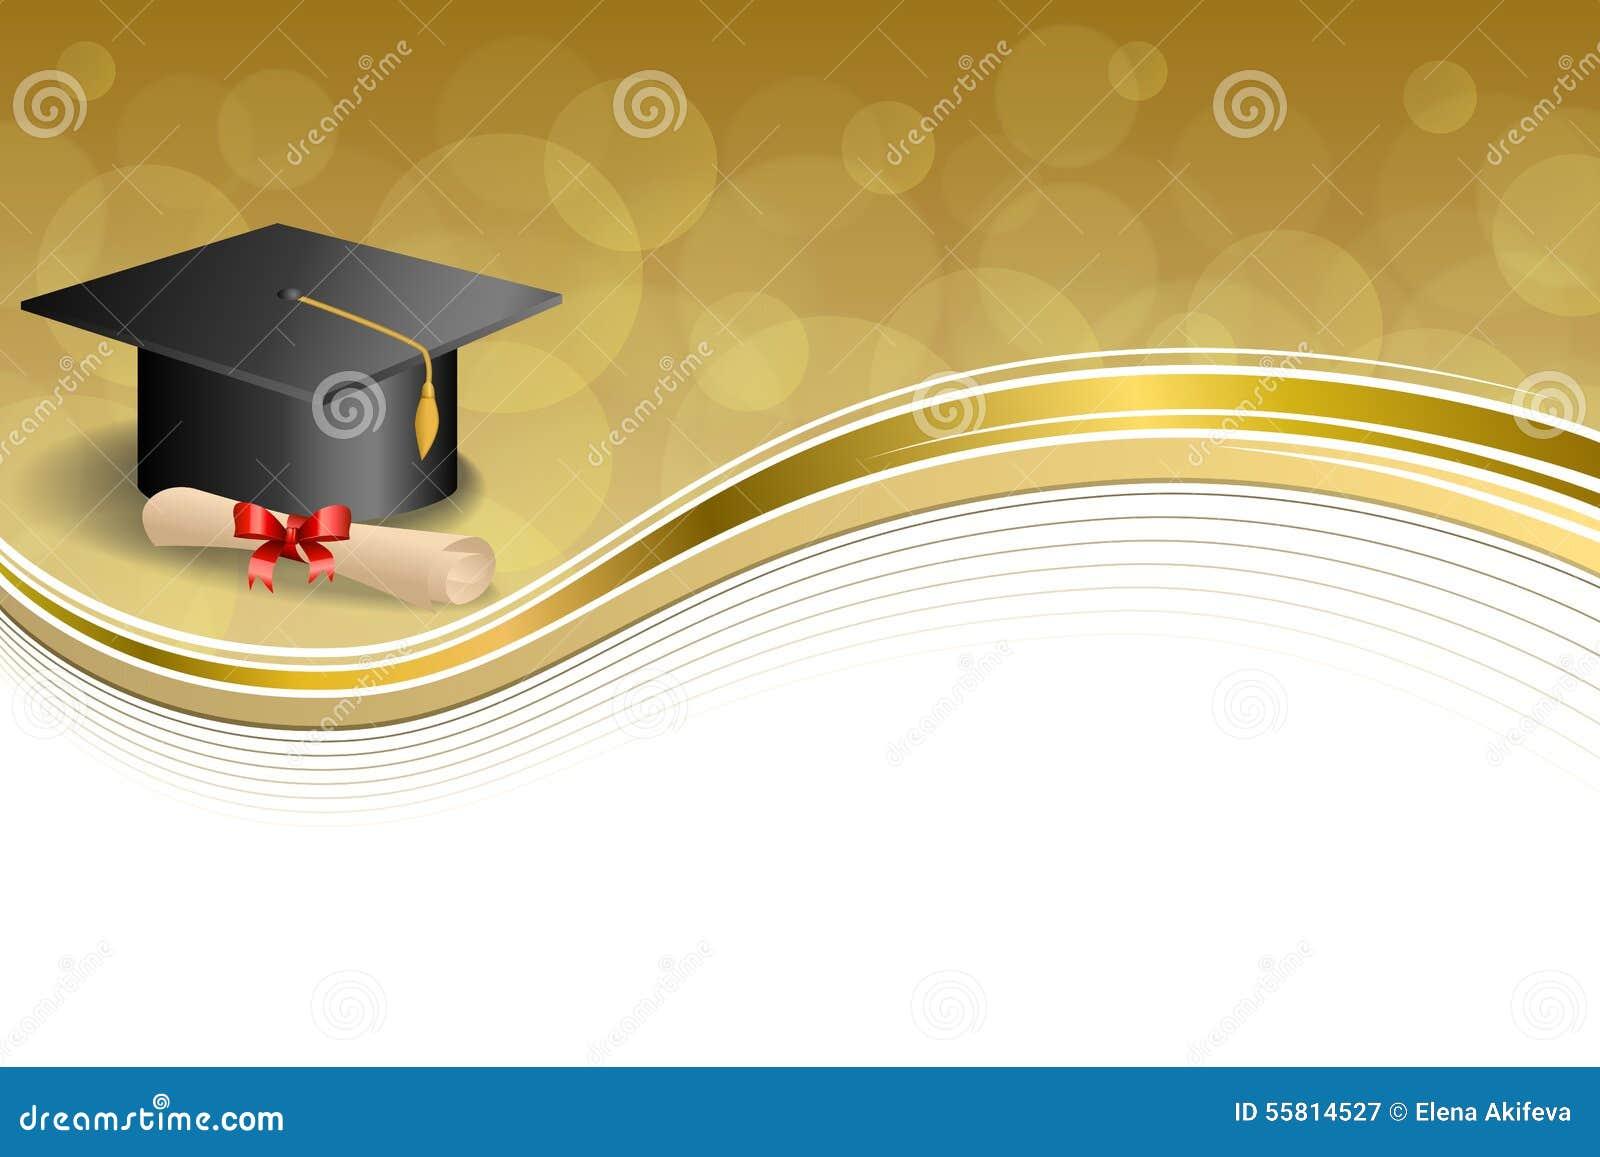 Fondos elegantes para fotos de graduacion